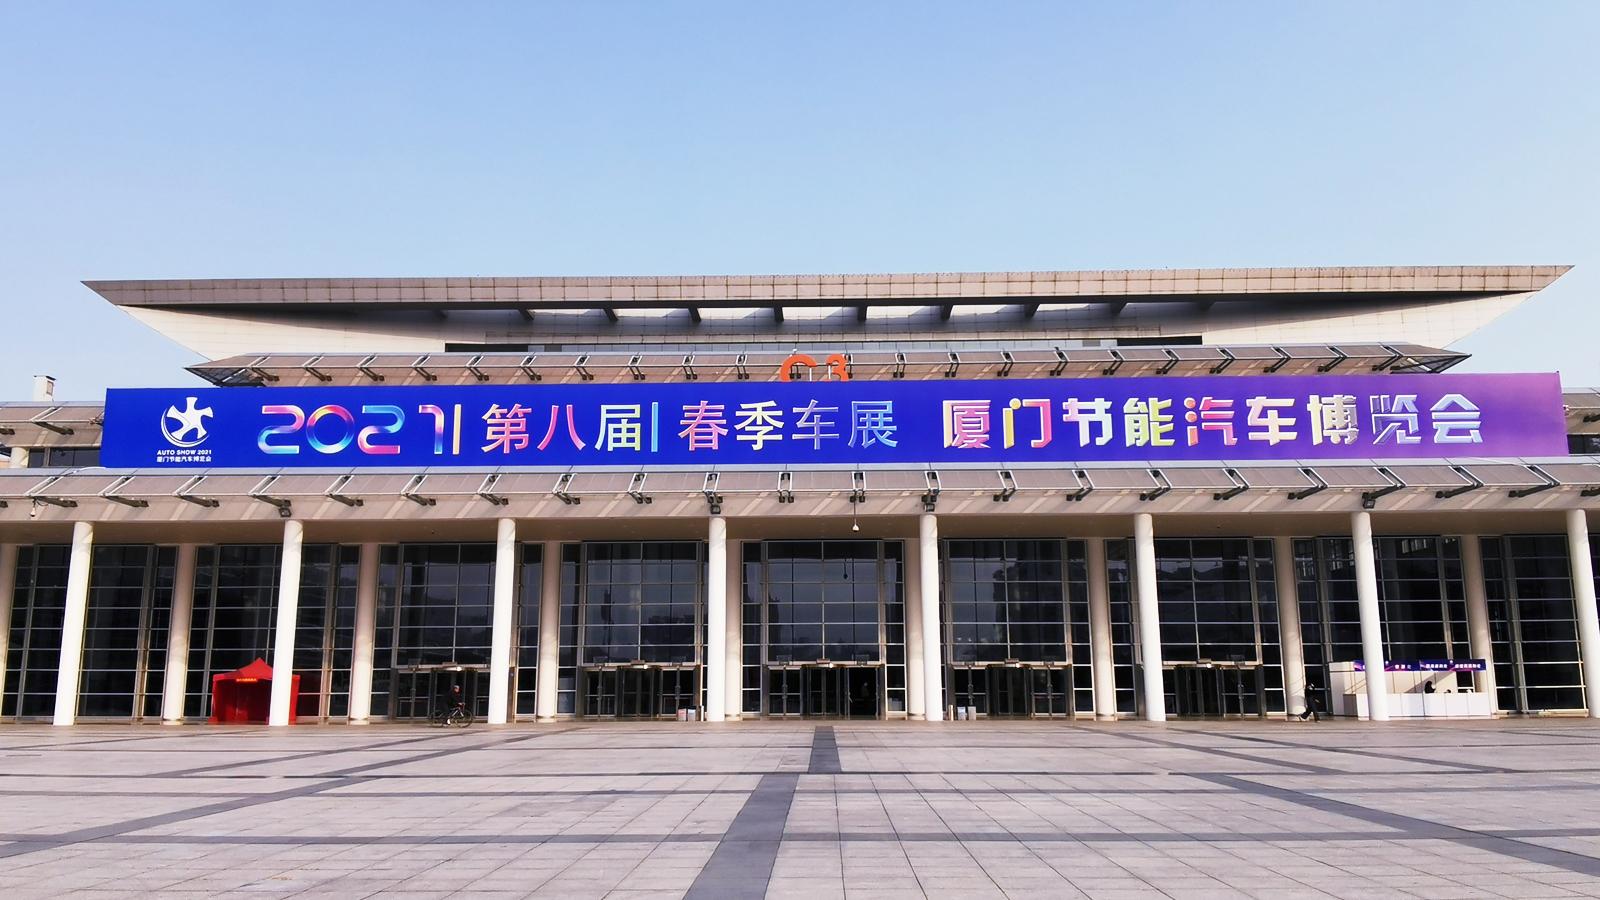 2021第八届厦门节能汽车博览会